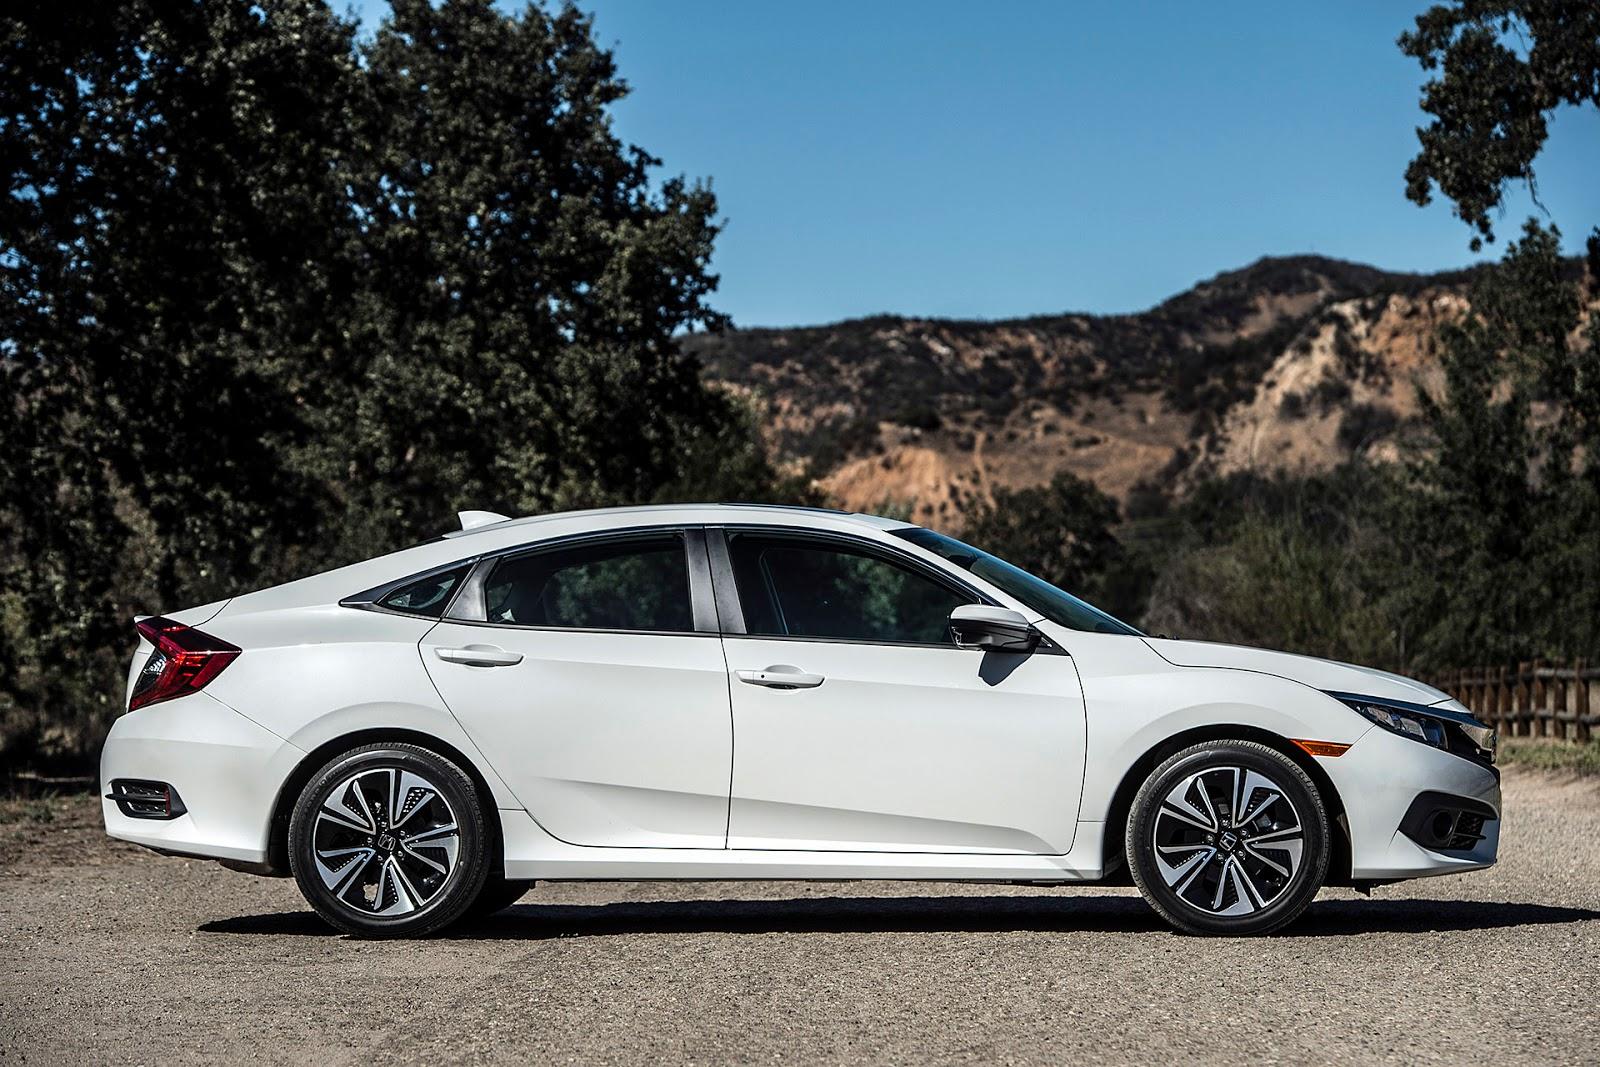 Honda Civic 2016 chính là chiếc xe sedan HOT nhất trên thị trường